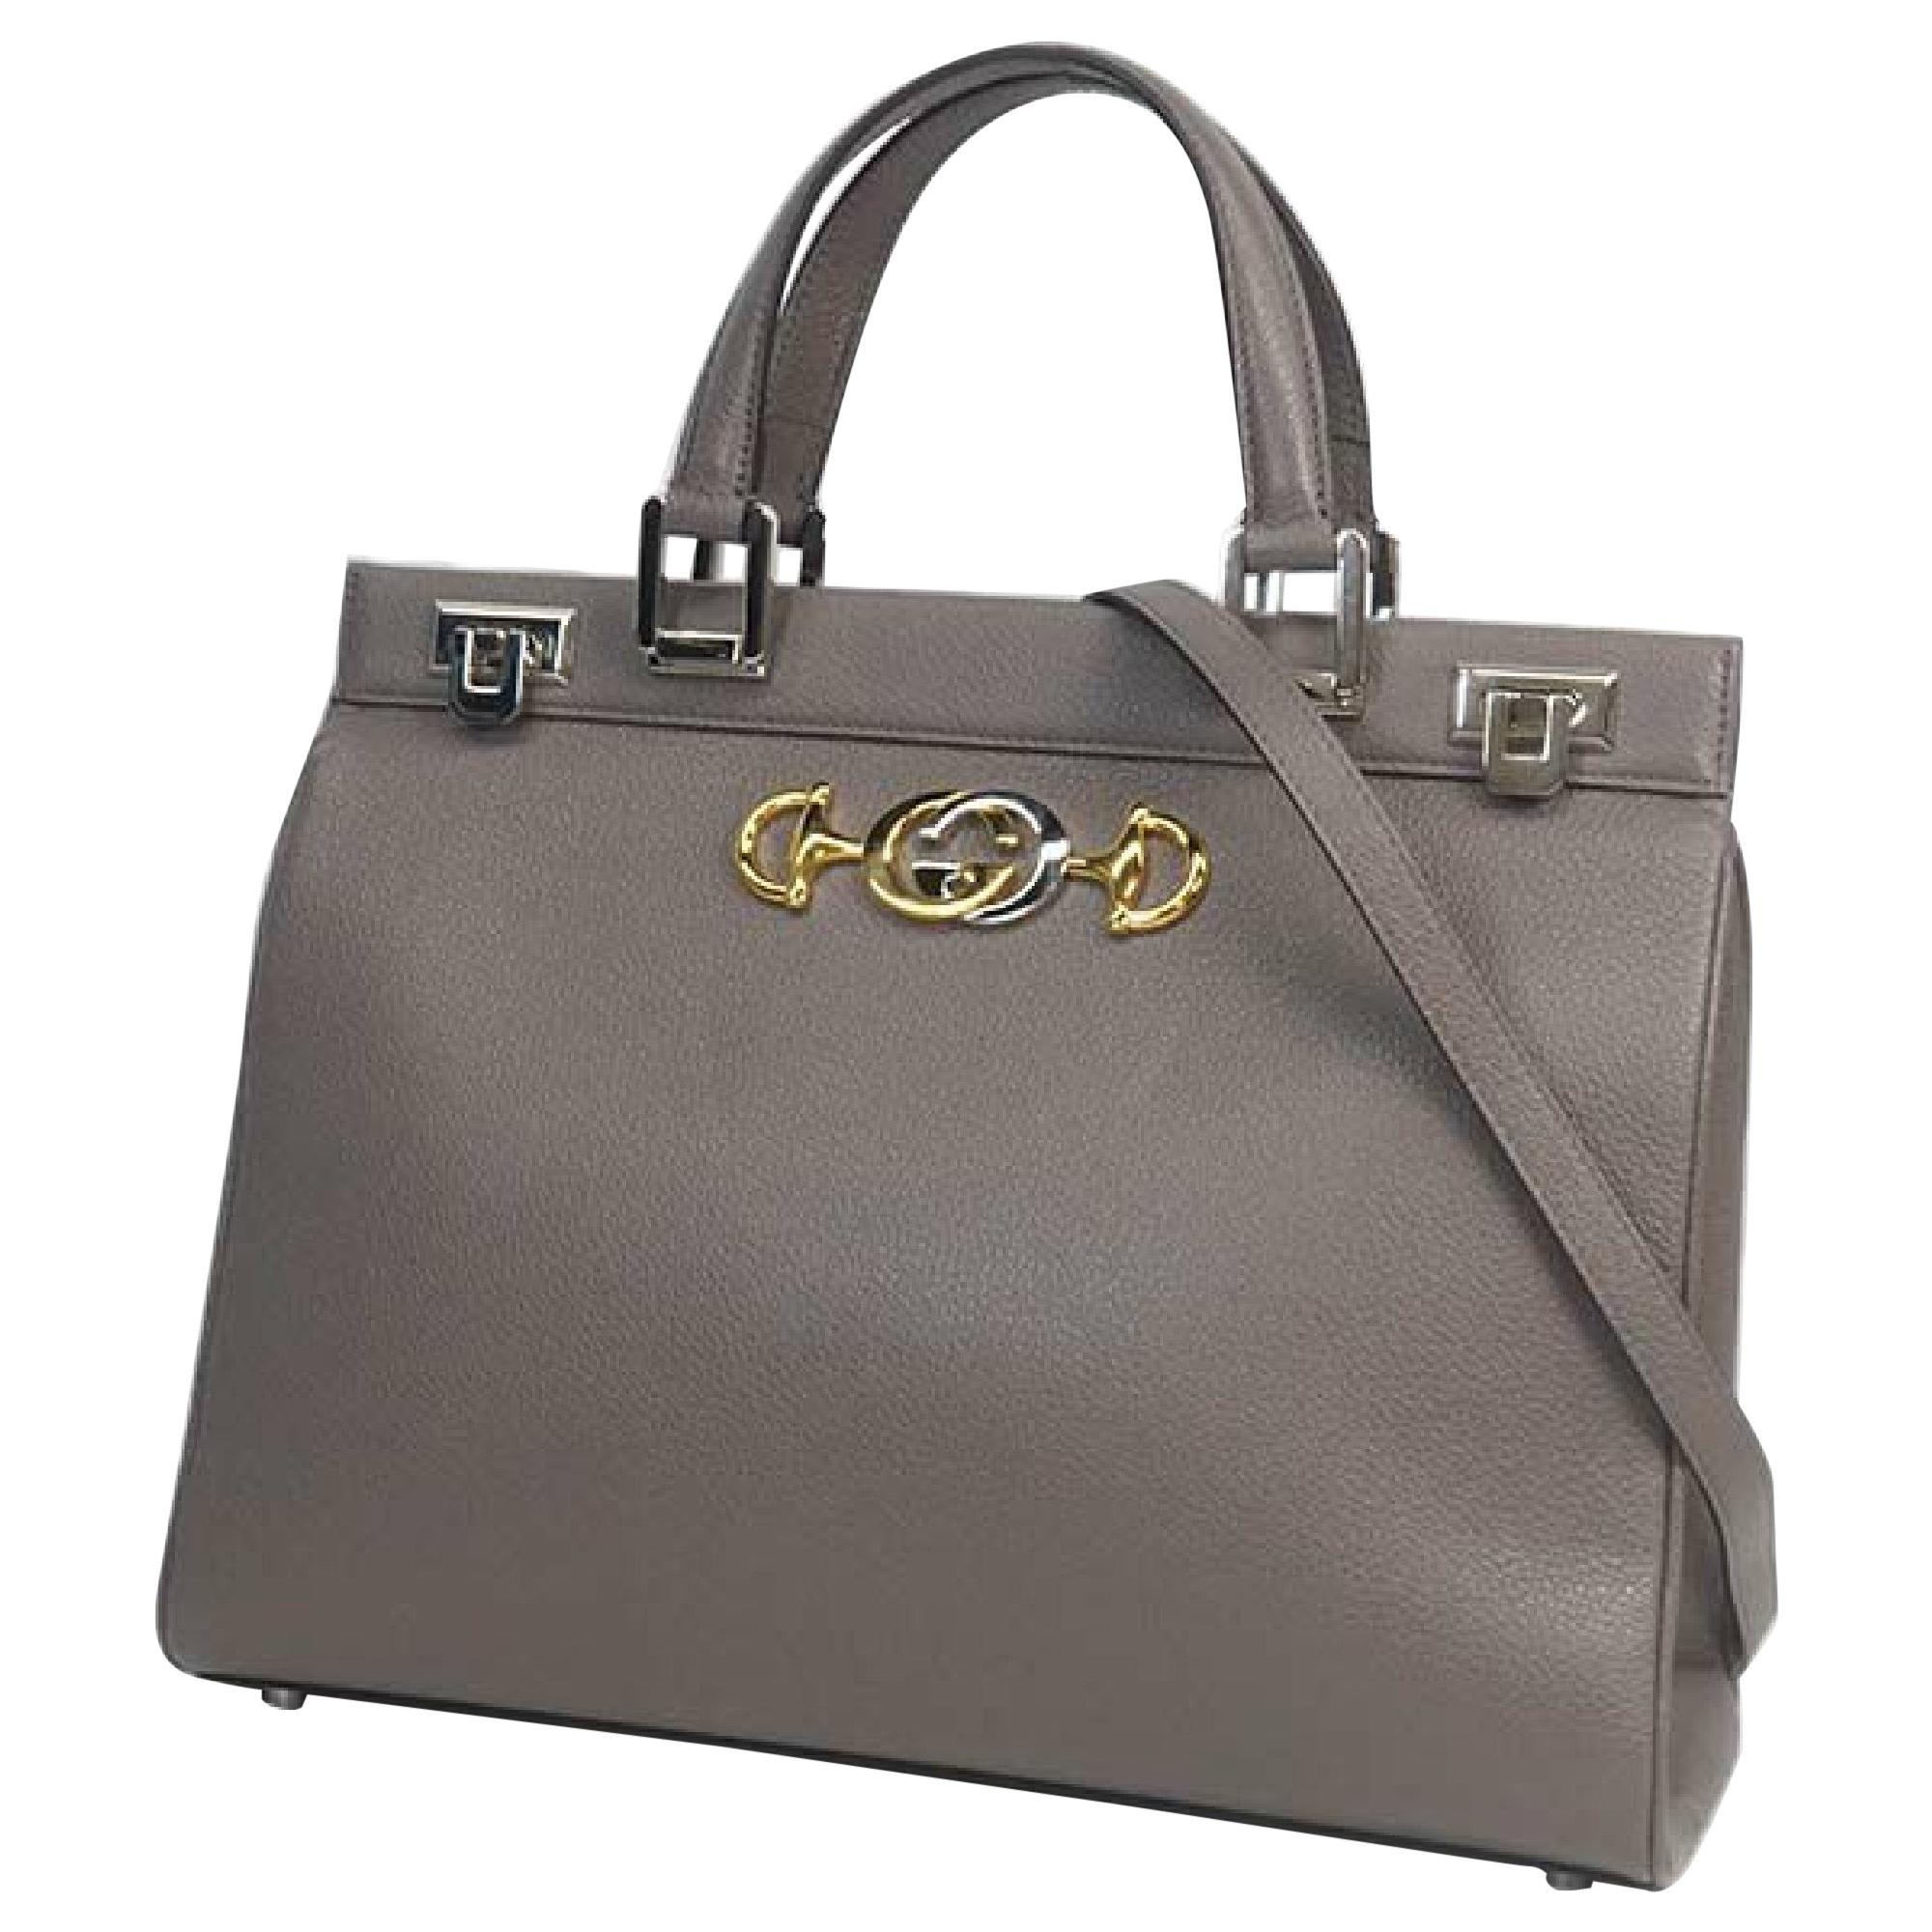 GUCCI Zumi medium top handle 2WAY shoulder bag Womens handbag 364714 gray